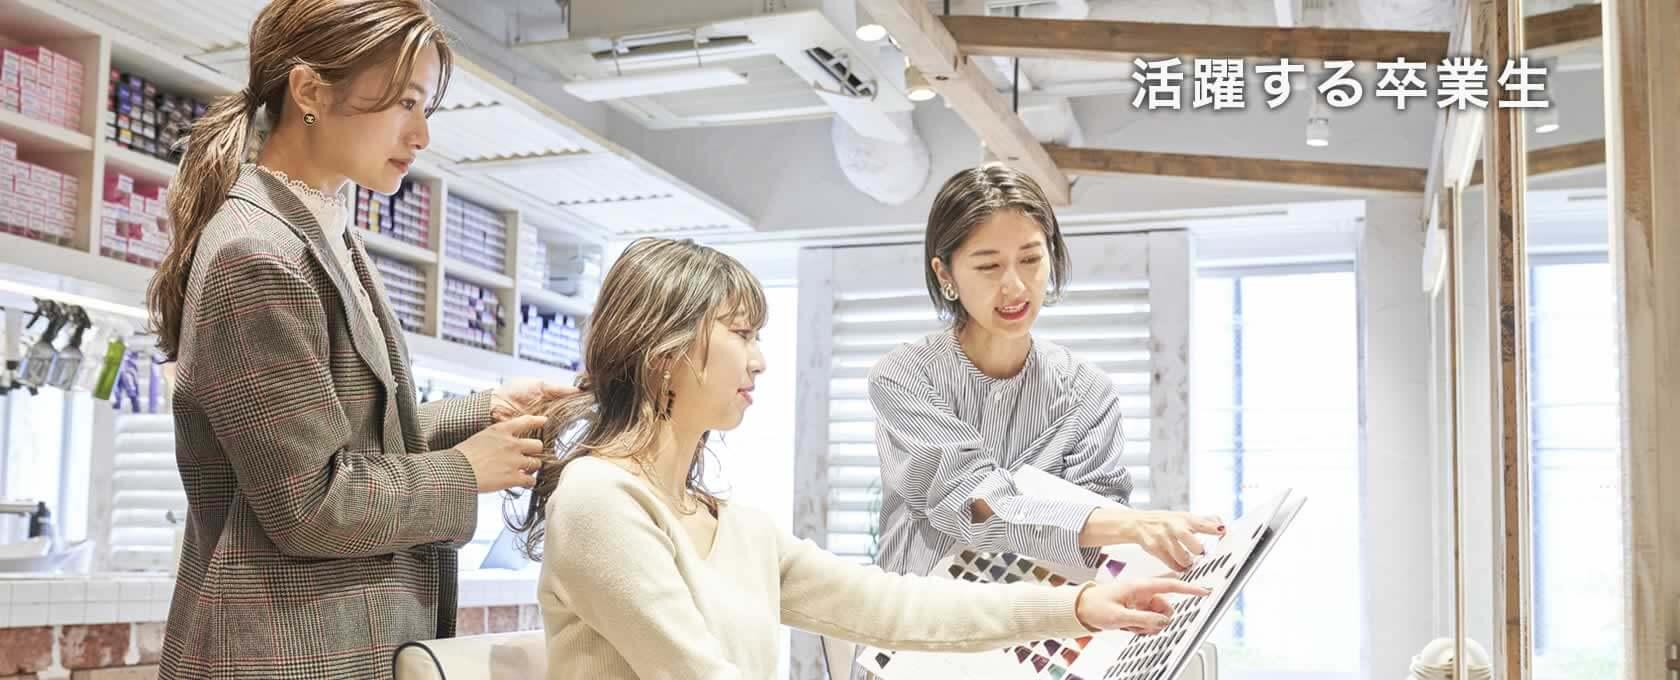 東京の美容専門学校:国際文化理容美容専門学校の活躍する卒業生2020